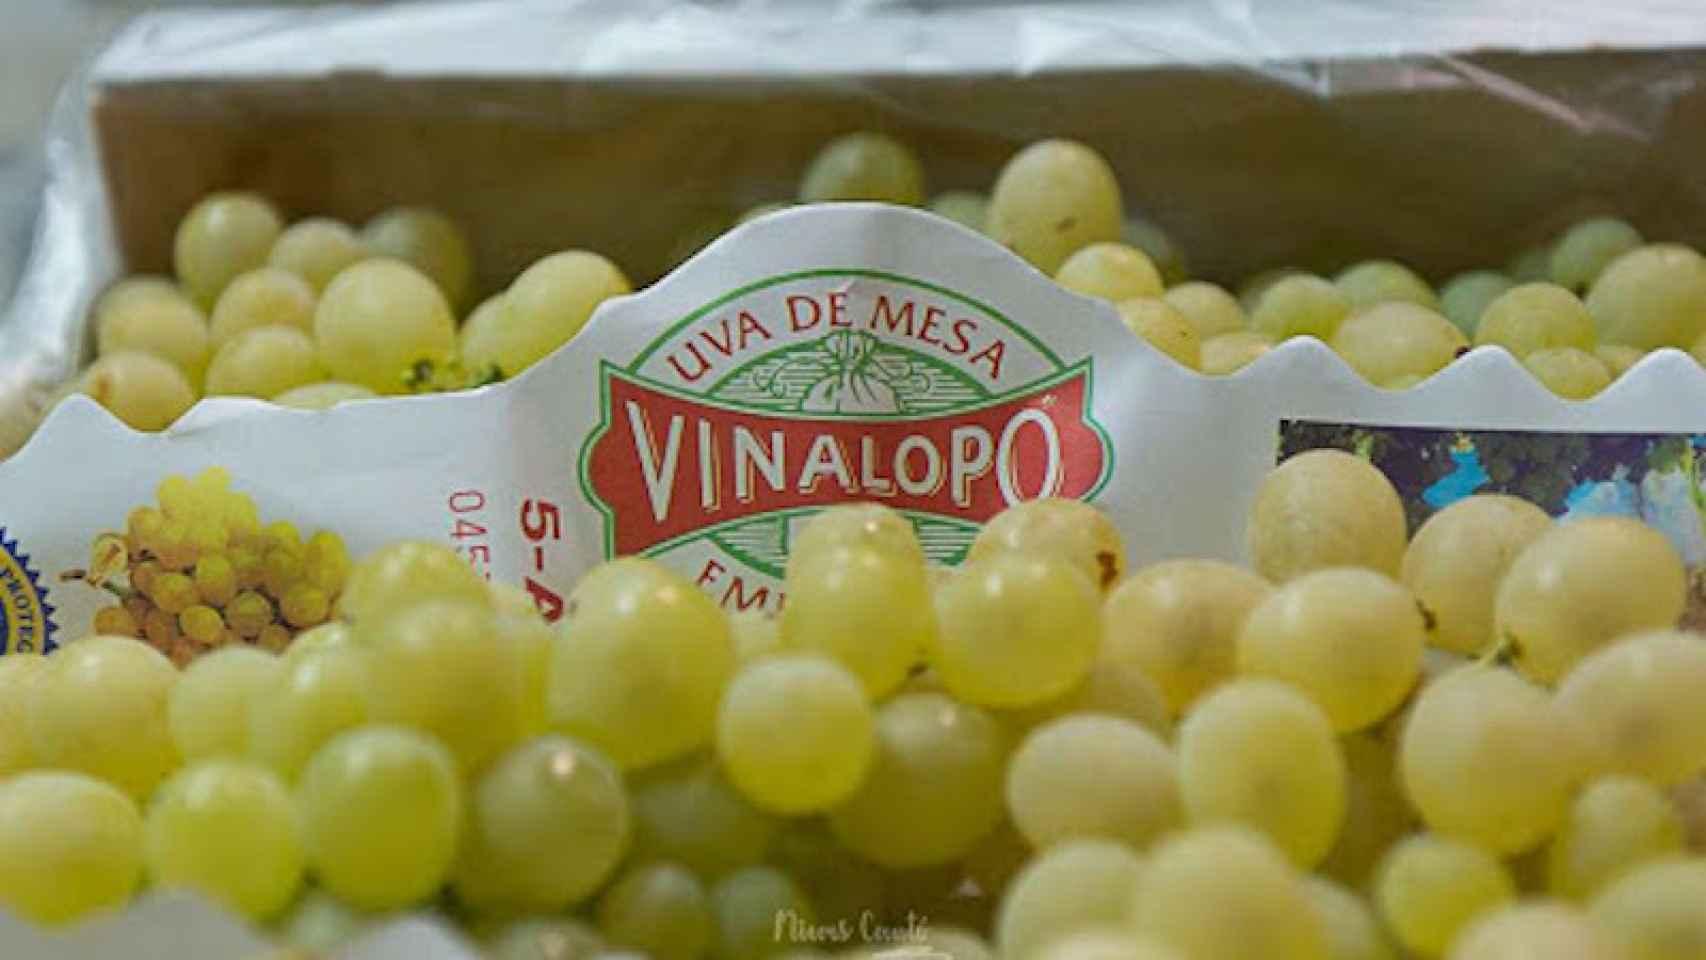 Uva de la comarca del Vinalopó